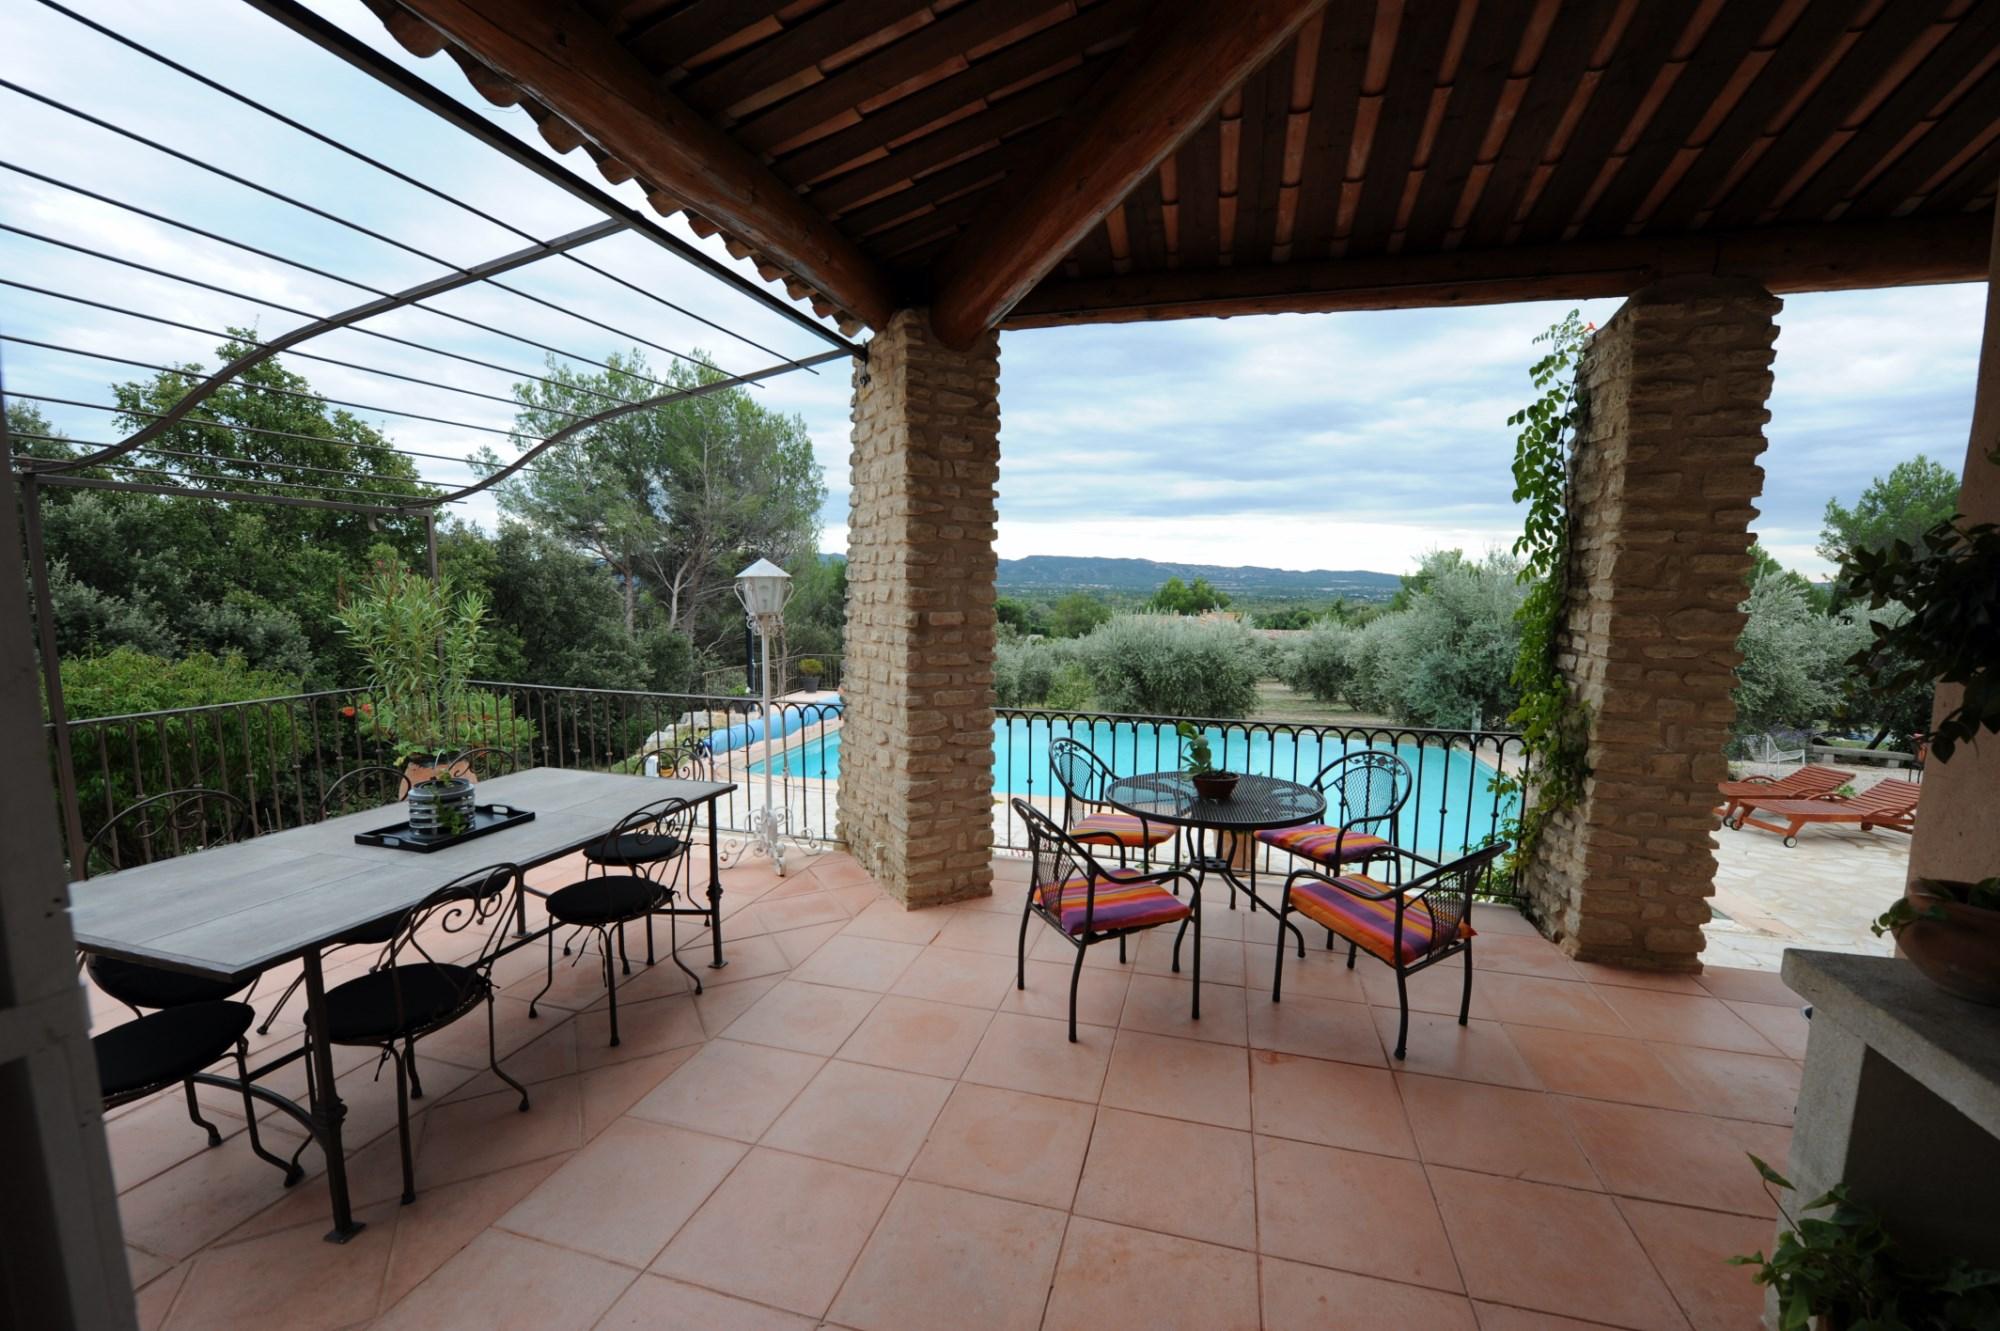 ventes a vendre dans le luberon sud villa avec vue agence rosier. Black Bedroom Furniture Sets. Home Design Ideas